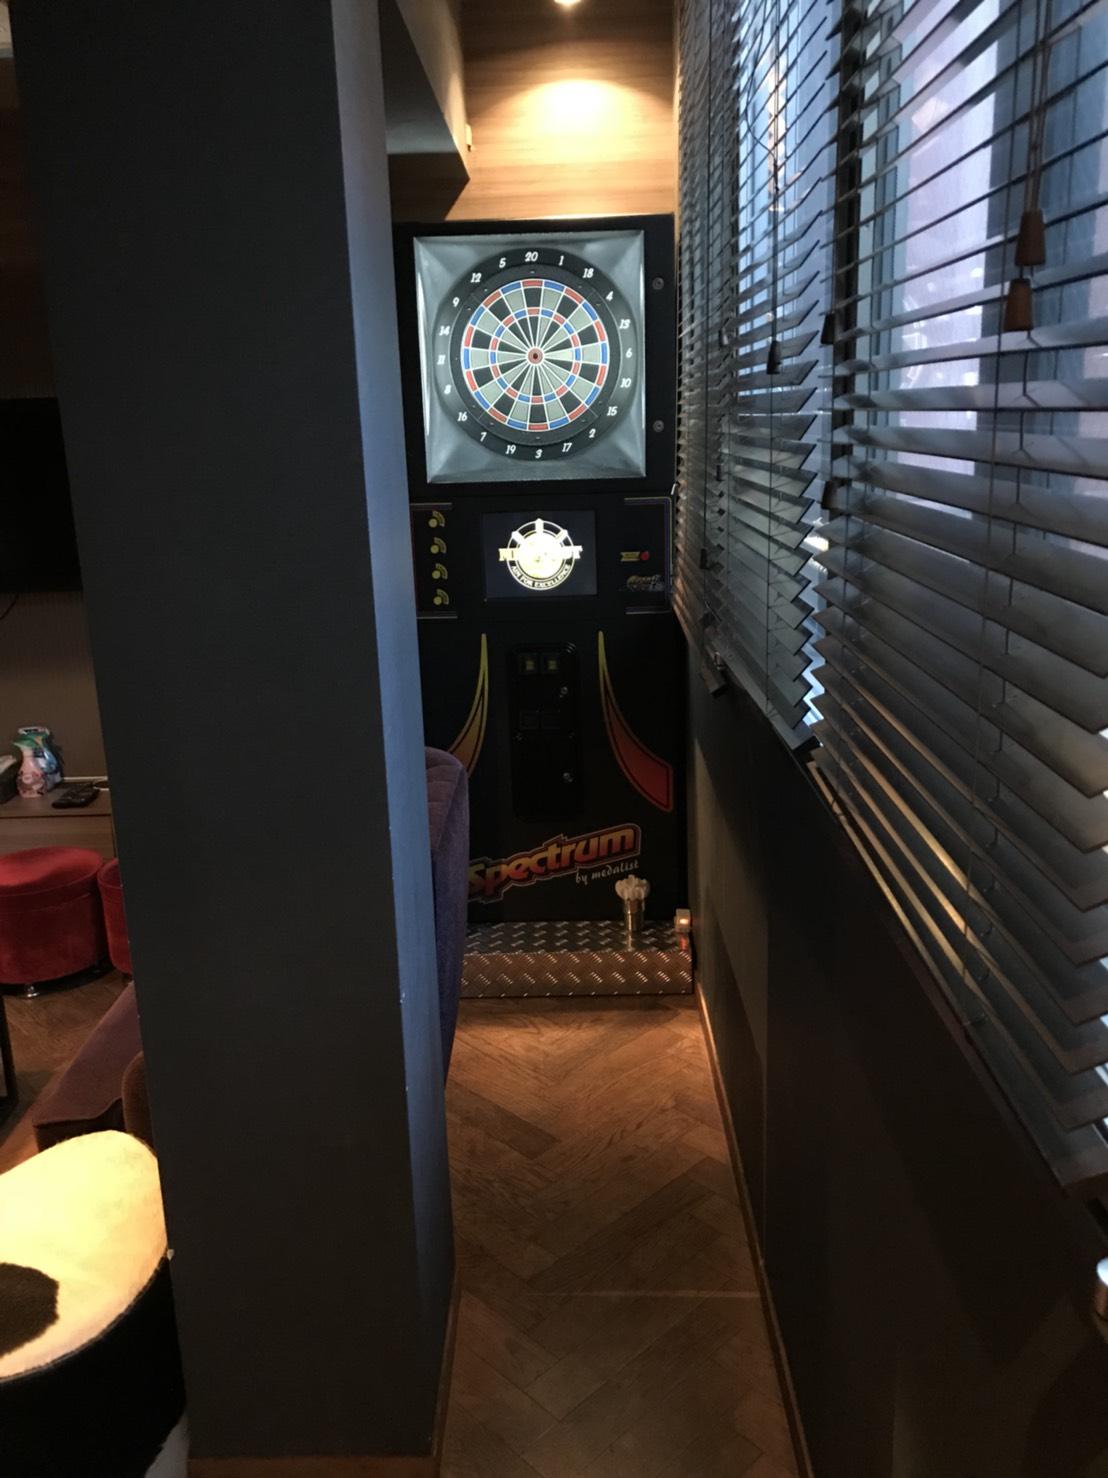 Lounge-R スペースB | ダーツはフリープレイで利用可|TIME SHARING|タイムシェアリング |スペースマネジメント|あどばる|adval